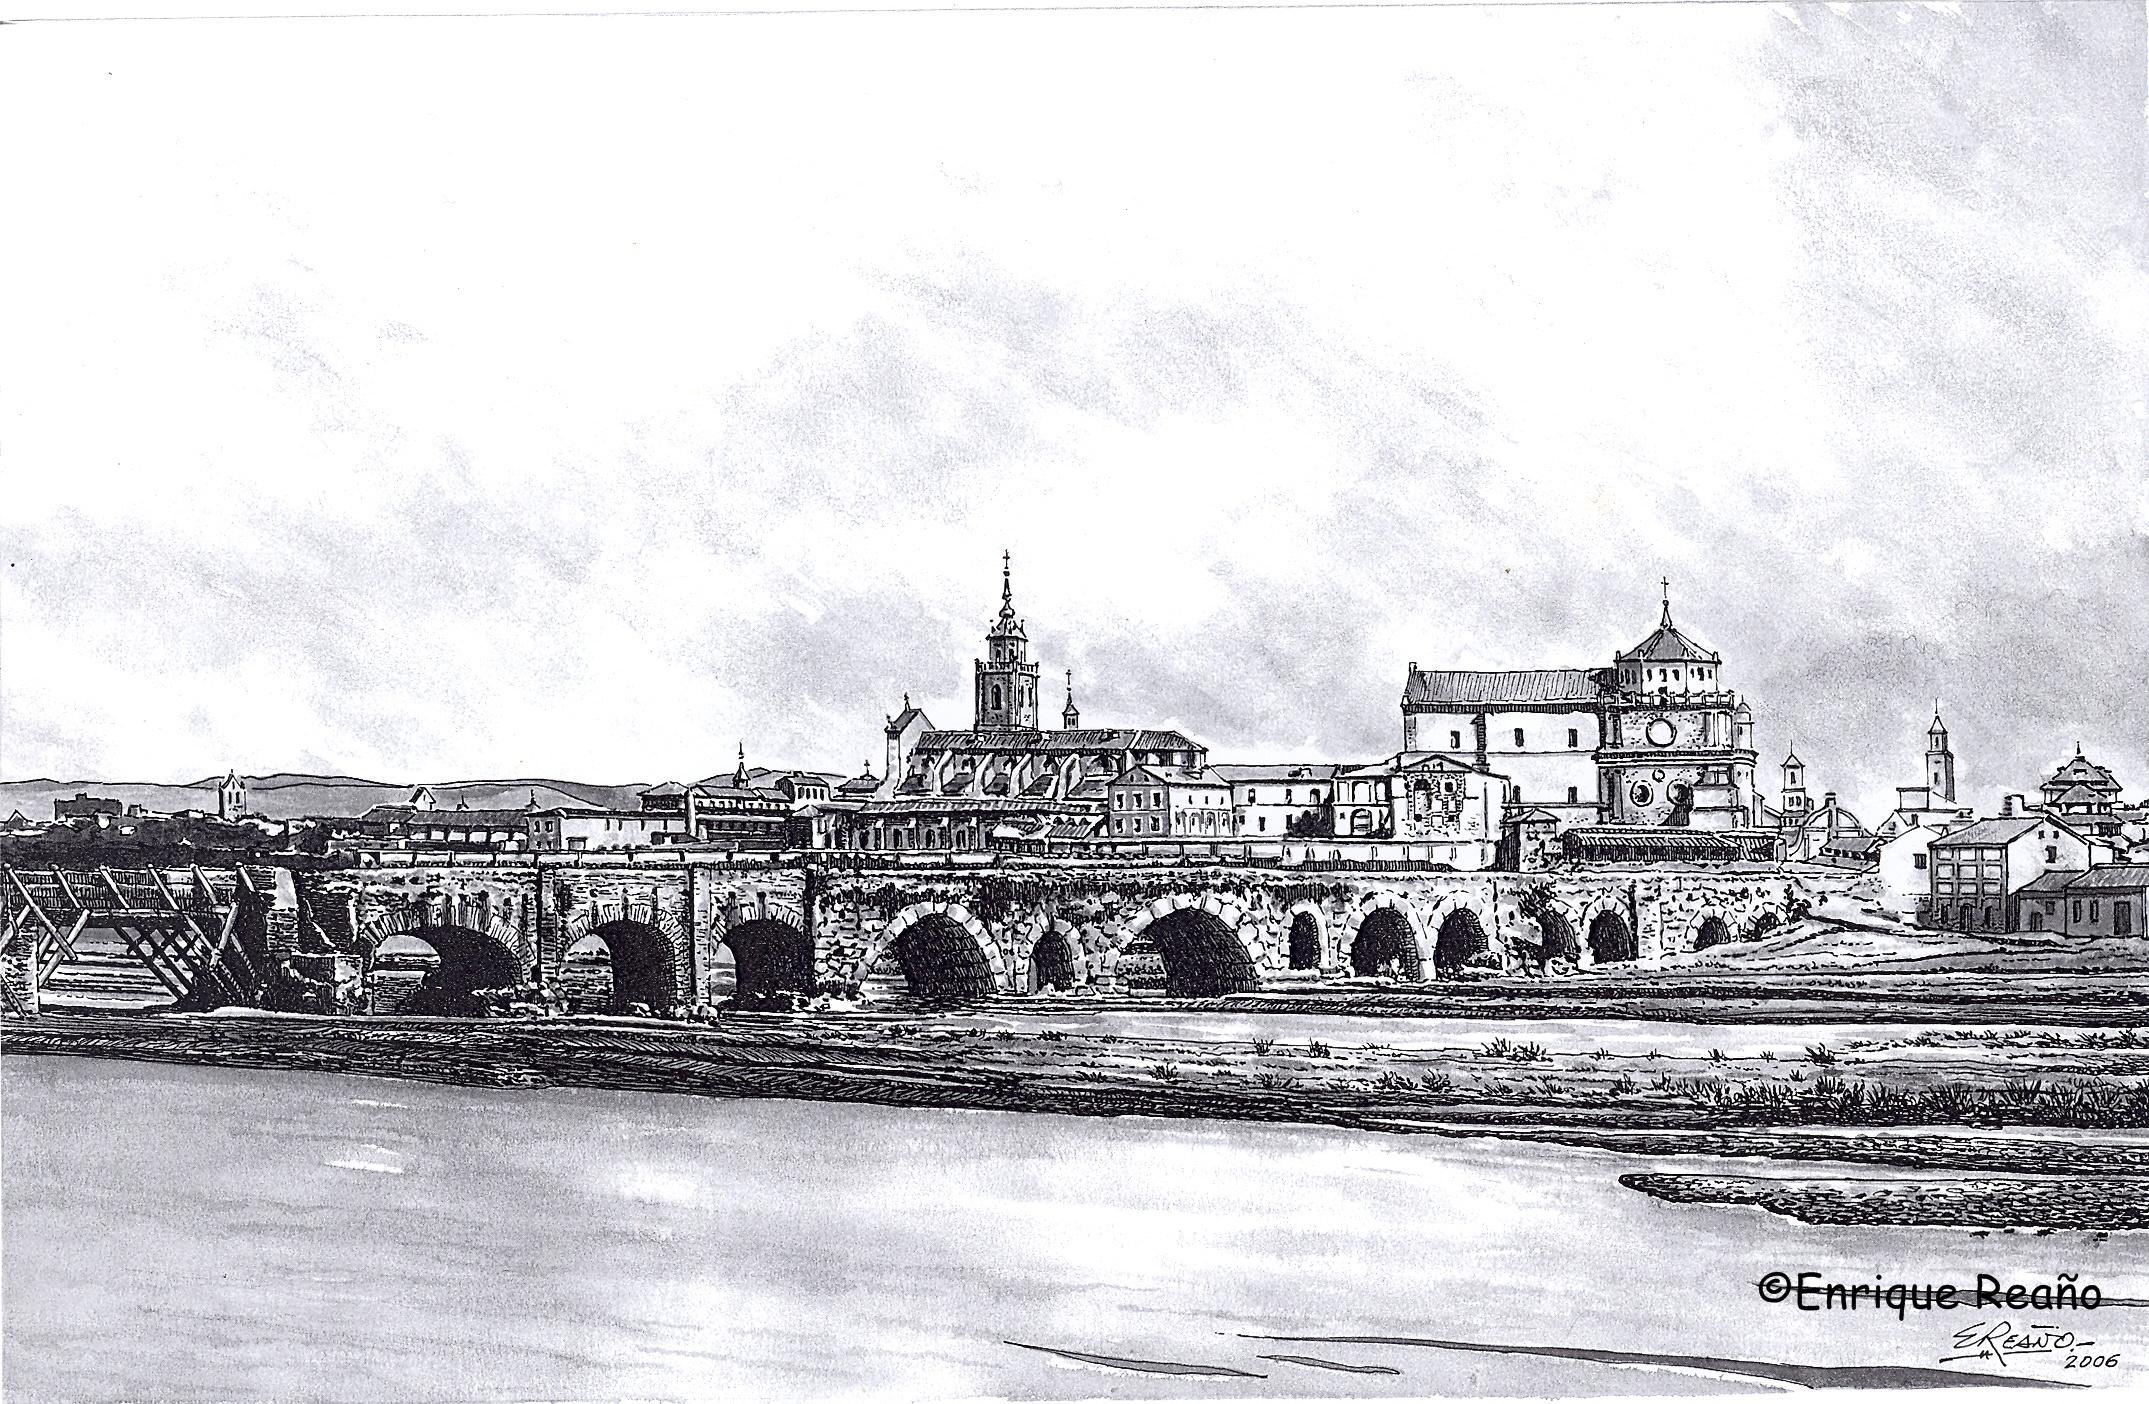 El puente viejo como siempre arruinado en un dibujo de Enrique Reaño sobre foto de Clifford